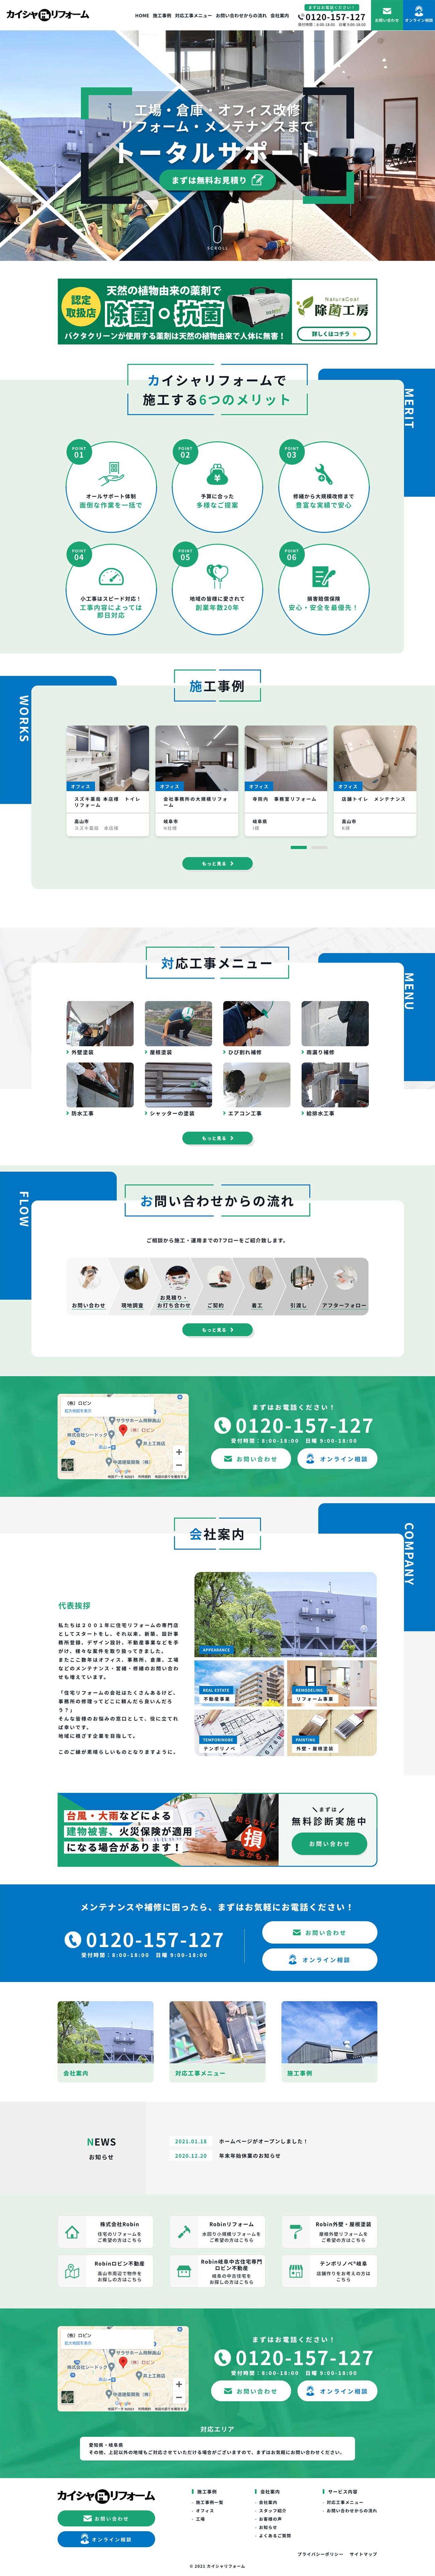 株式会社Robin(カイシャリフォーム) 様 PCデザイン